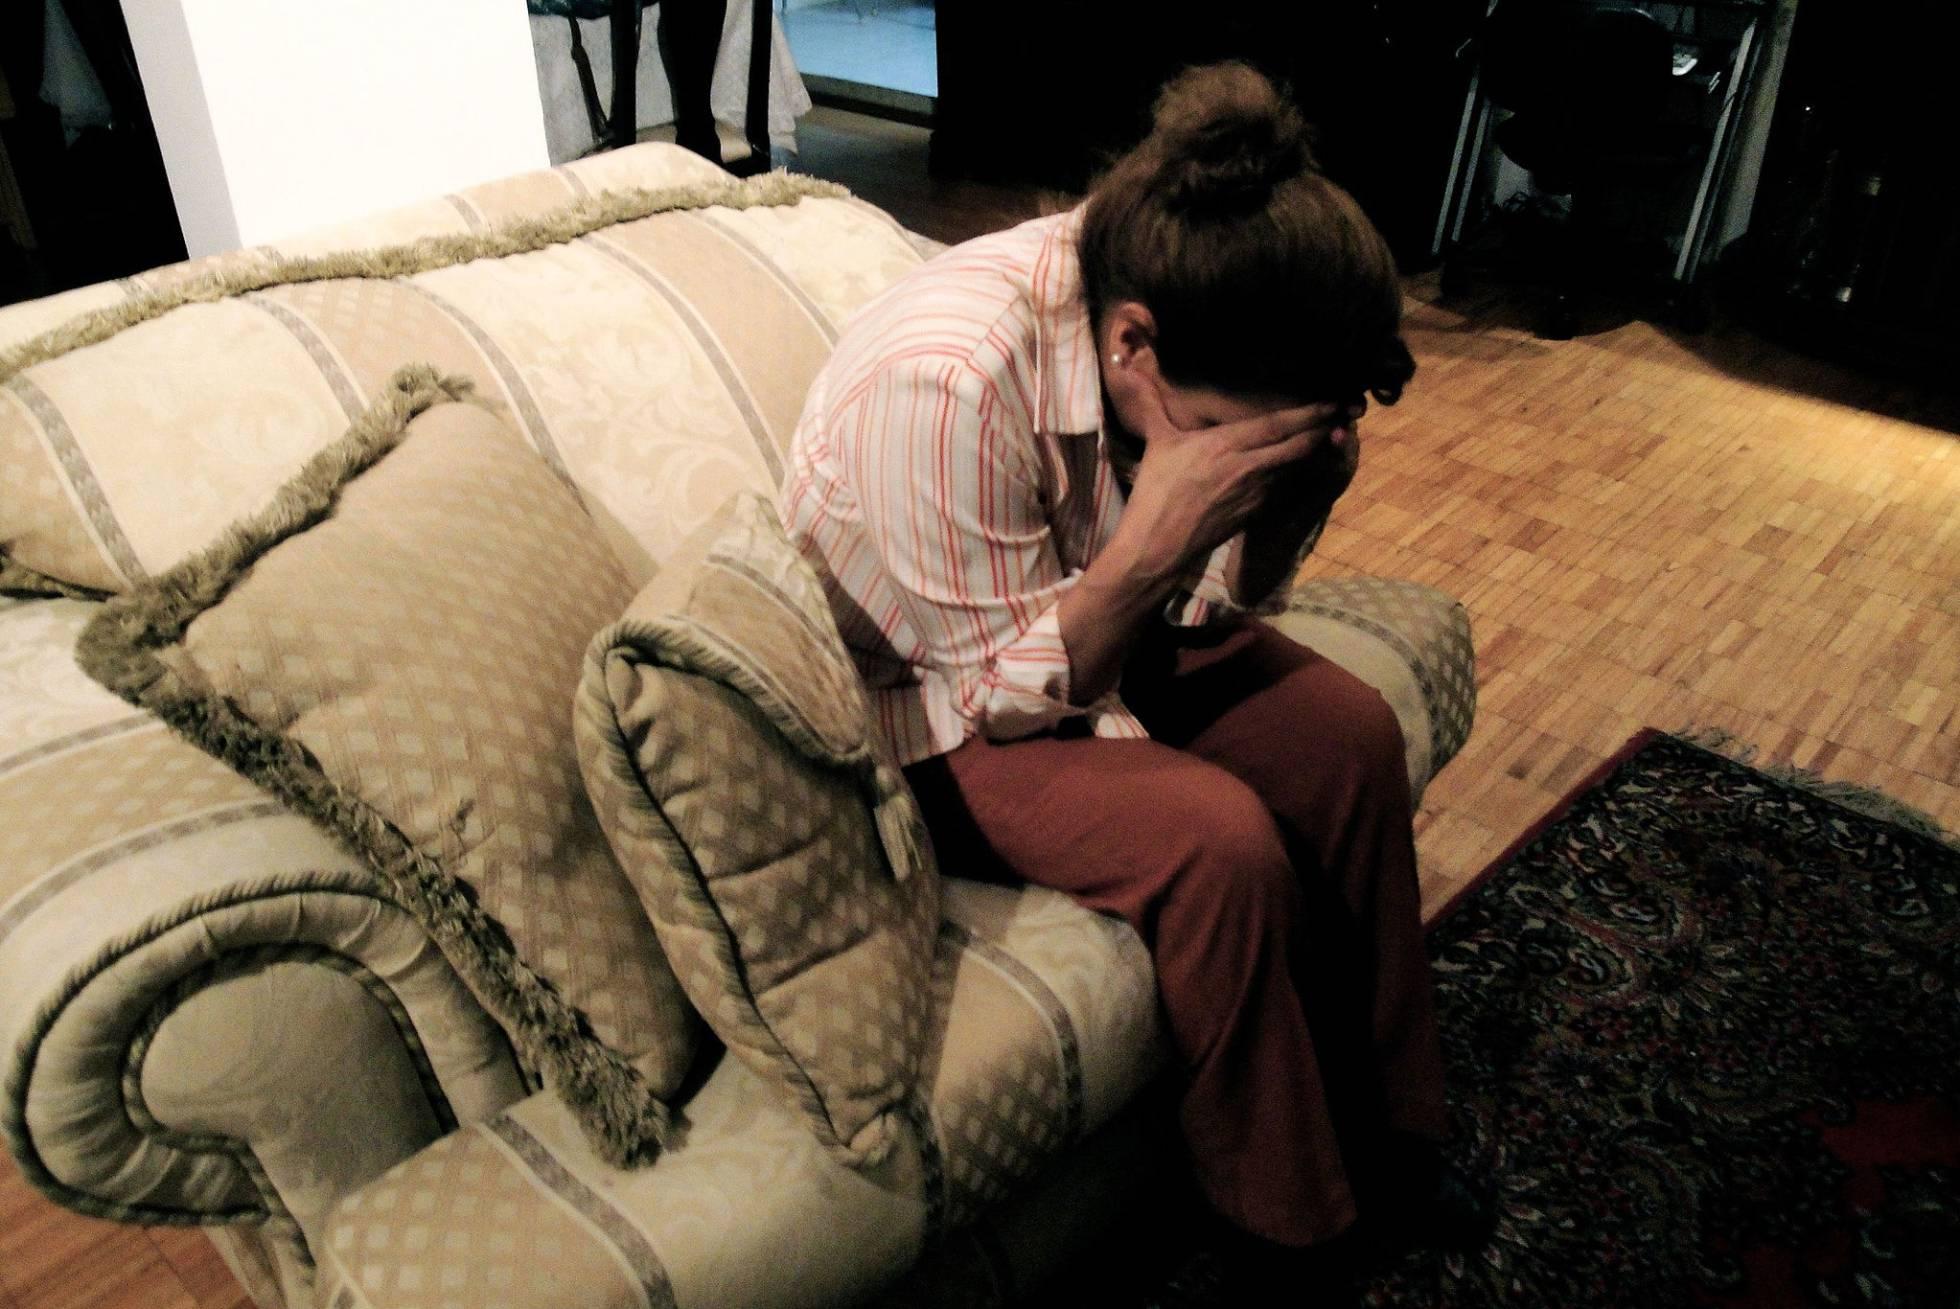 Una dona amb un trastorn emocional. Iraís Esparza Wikimedia Commons)